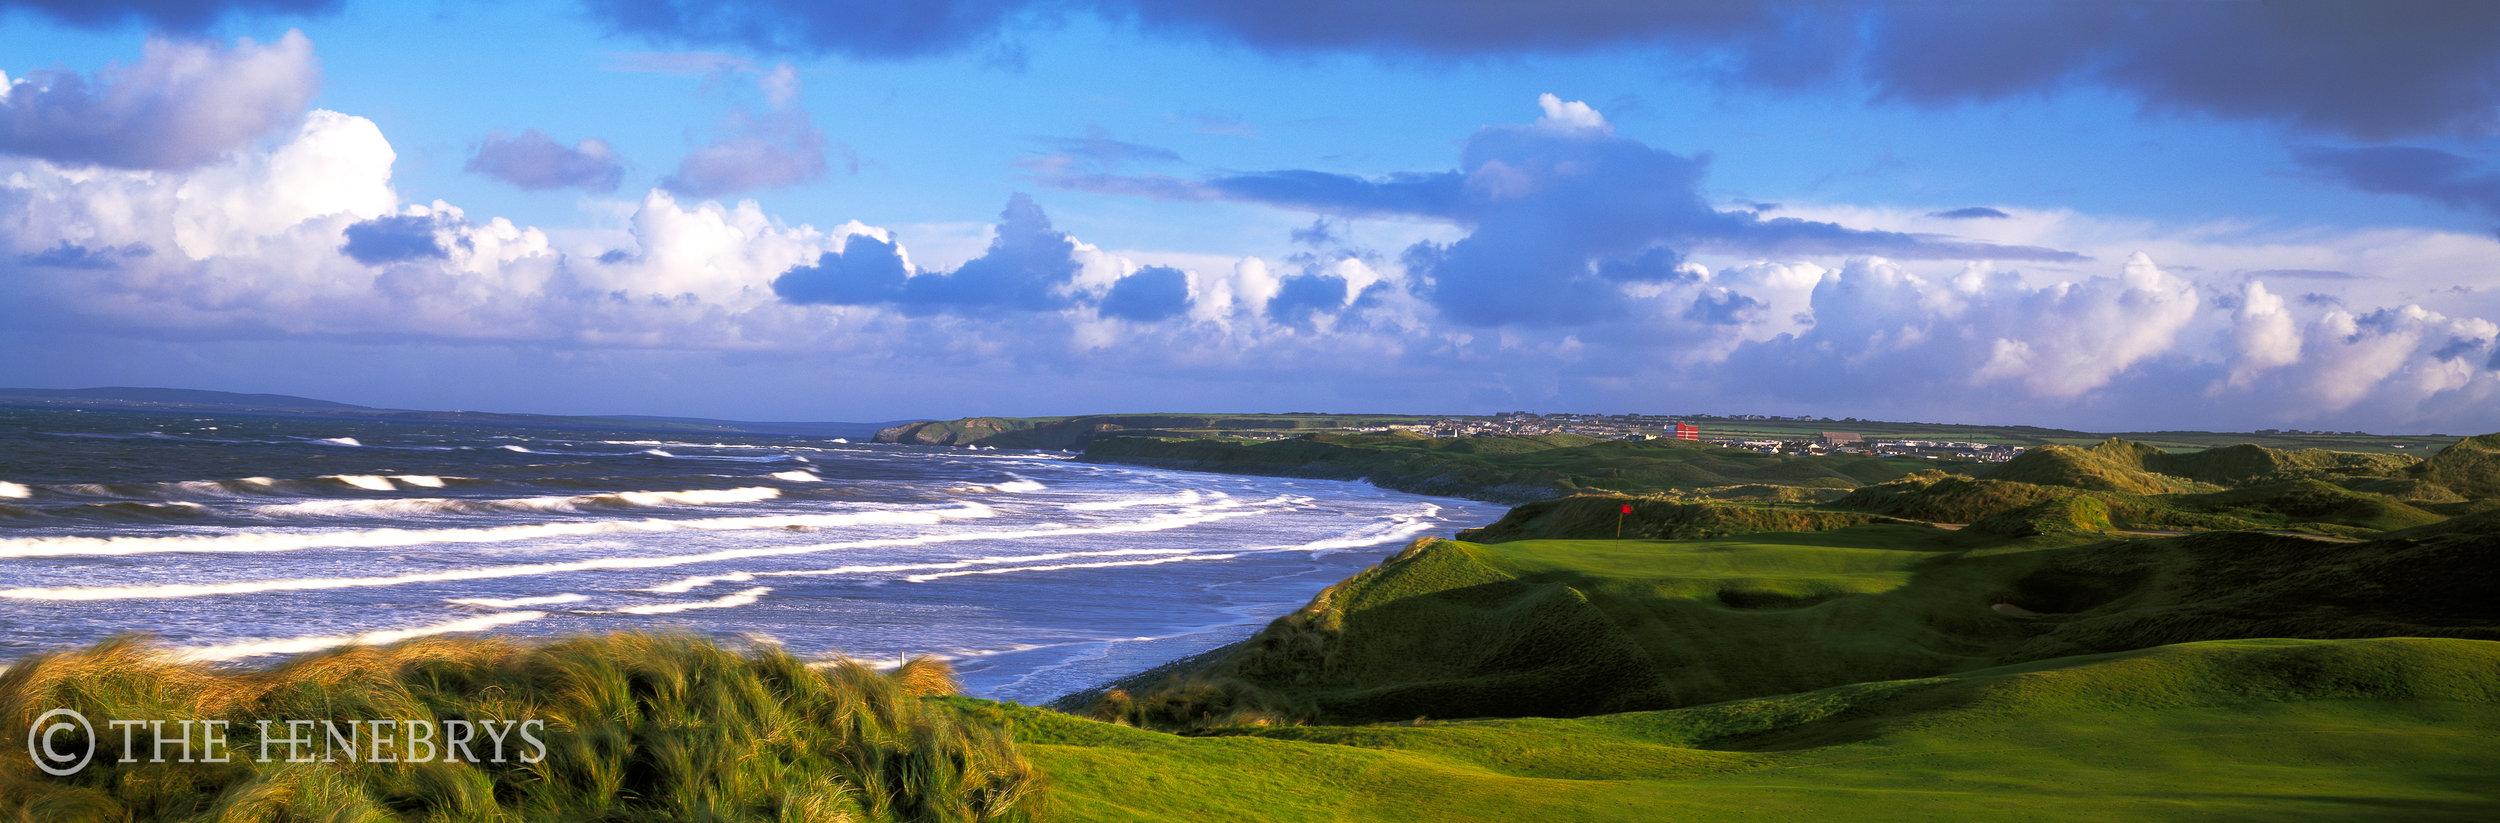 Ballybunion Golf Club, Cashen Course #17, Co. Kerry, Ireland